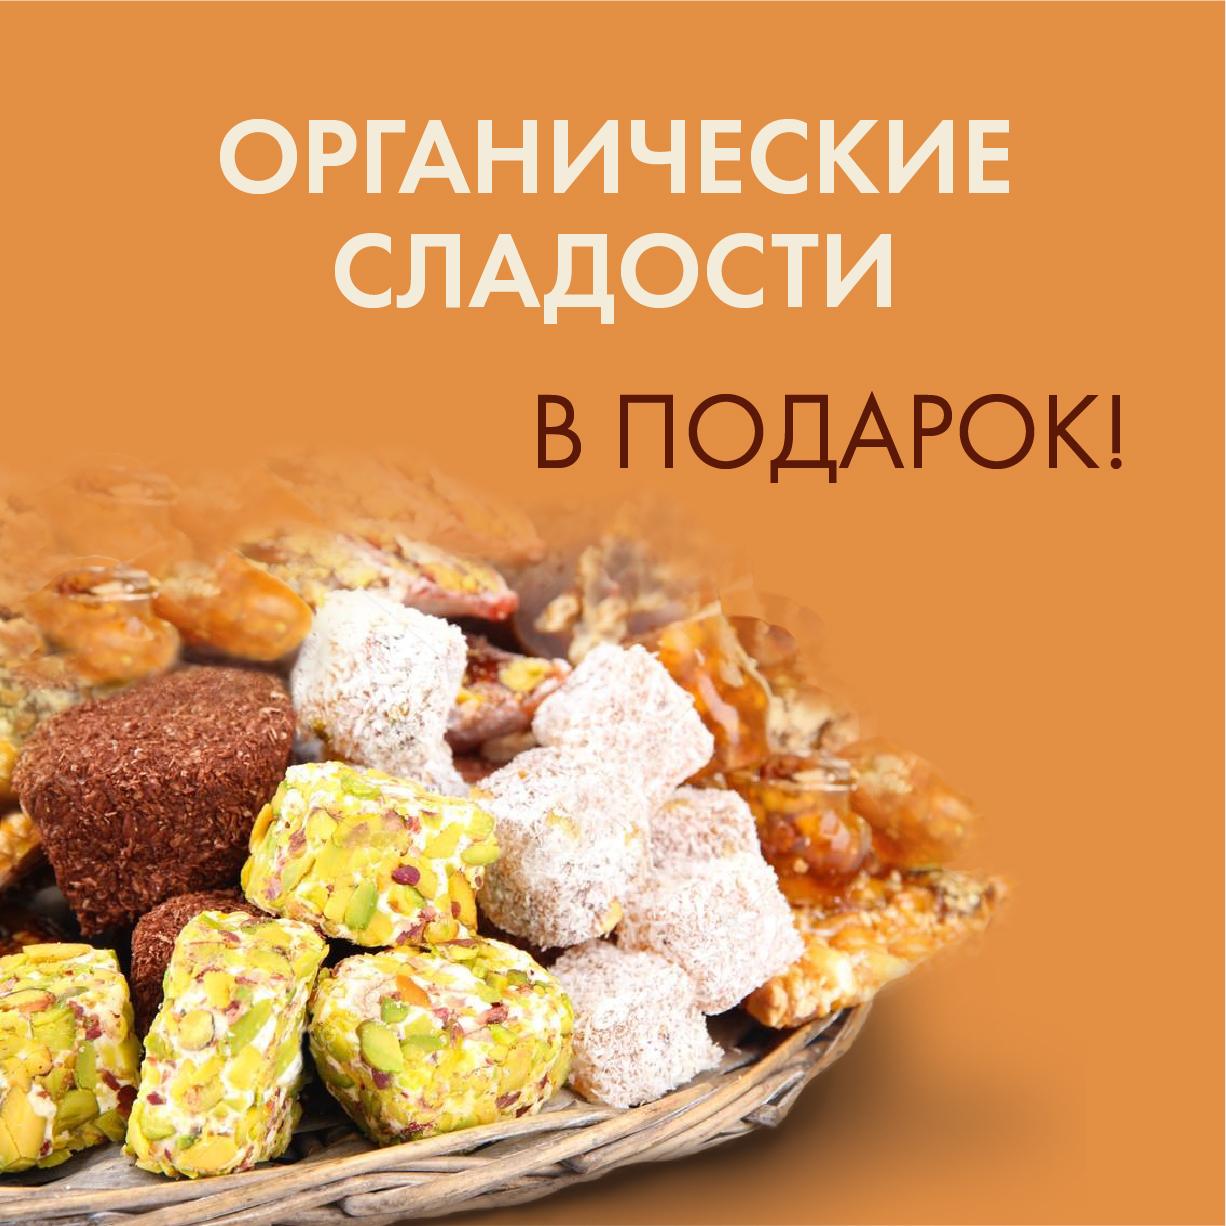 Восточные сладости и фиточай со скидкой 20%